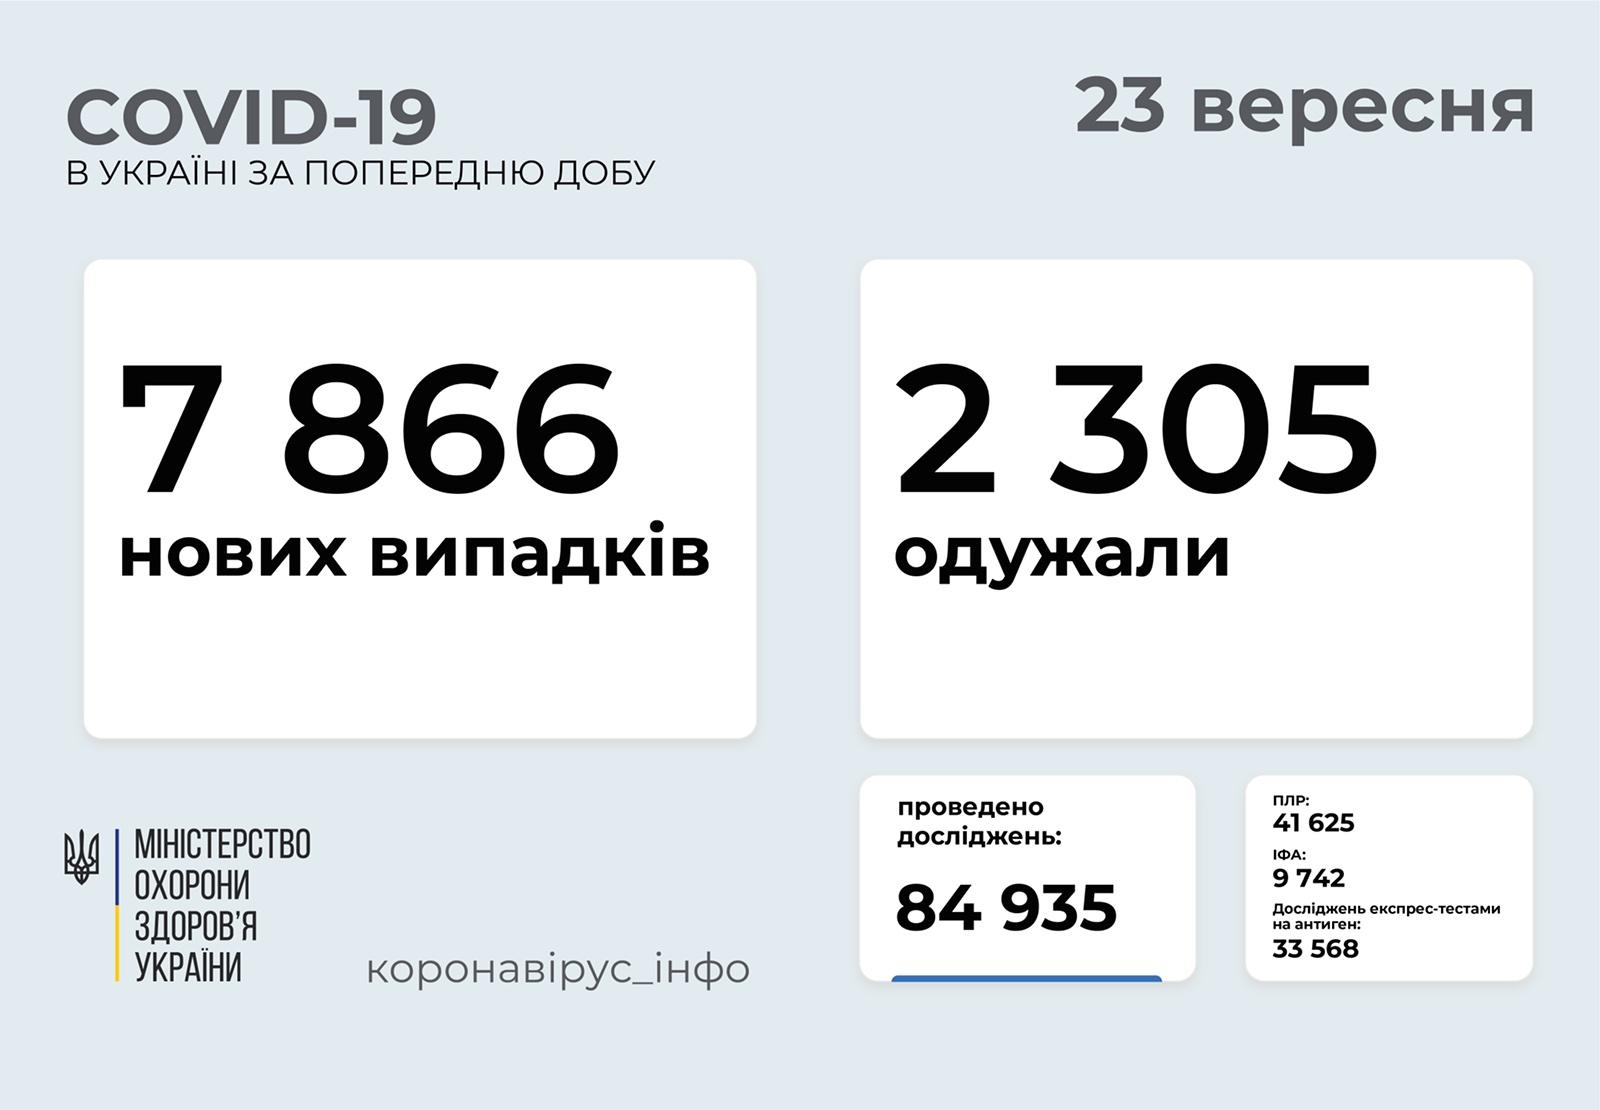 zobrazhennia_viber_2021-09-23_08-27-36-011